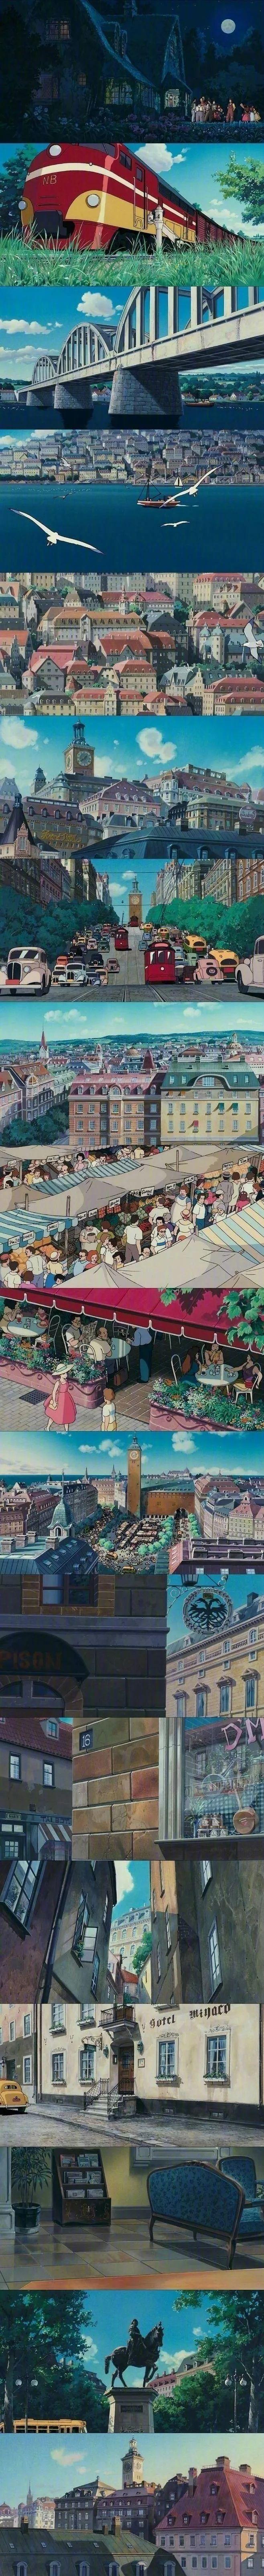 宫崎骏的动画世界 壁纸特辑,人间真有这些地方就好了!_图片 No.4